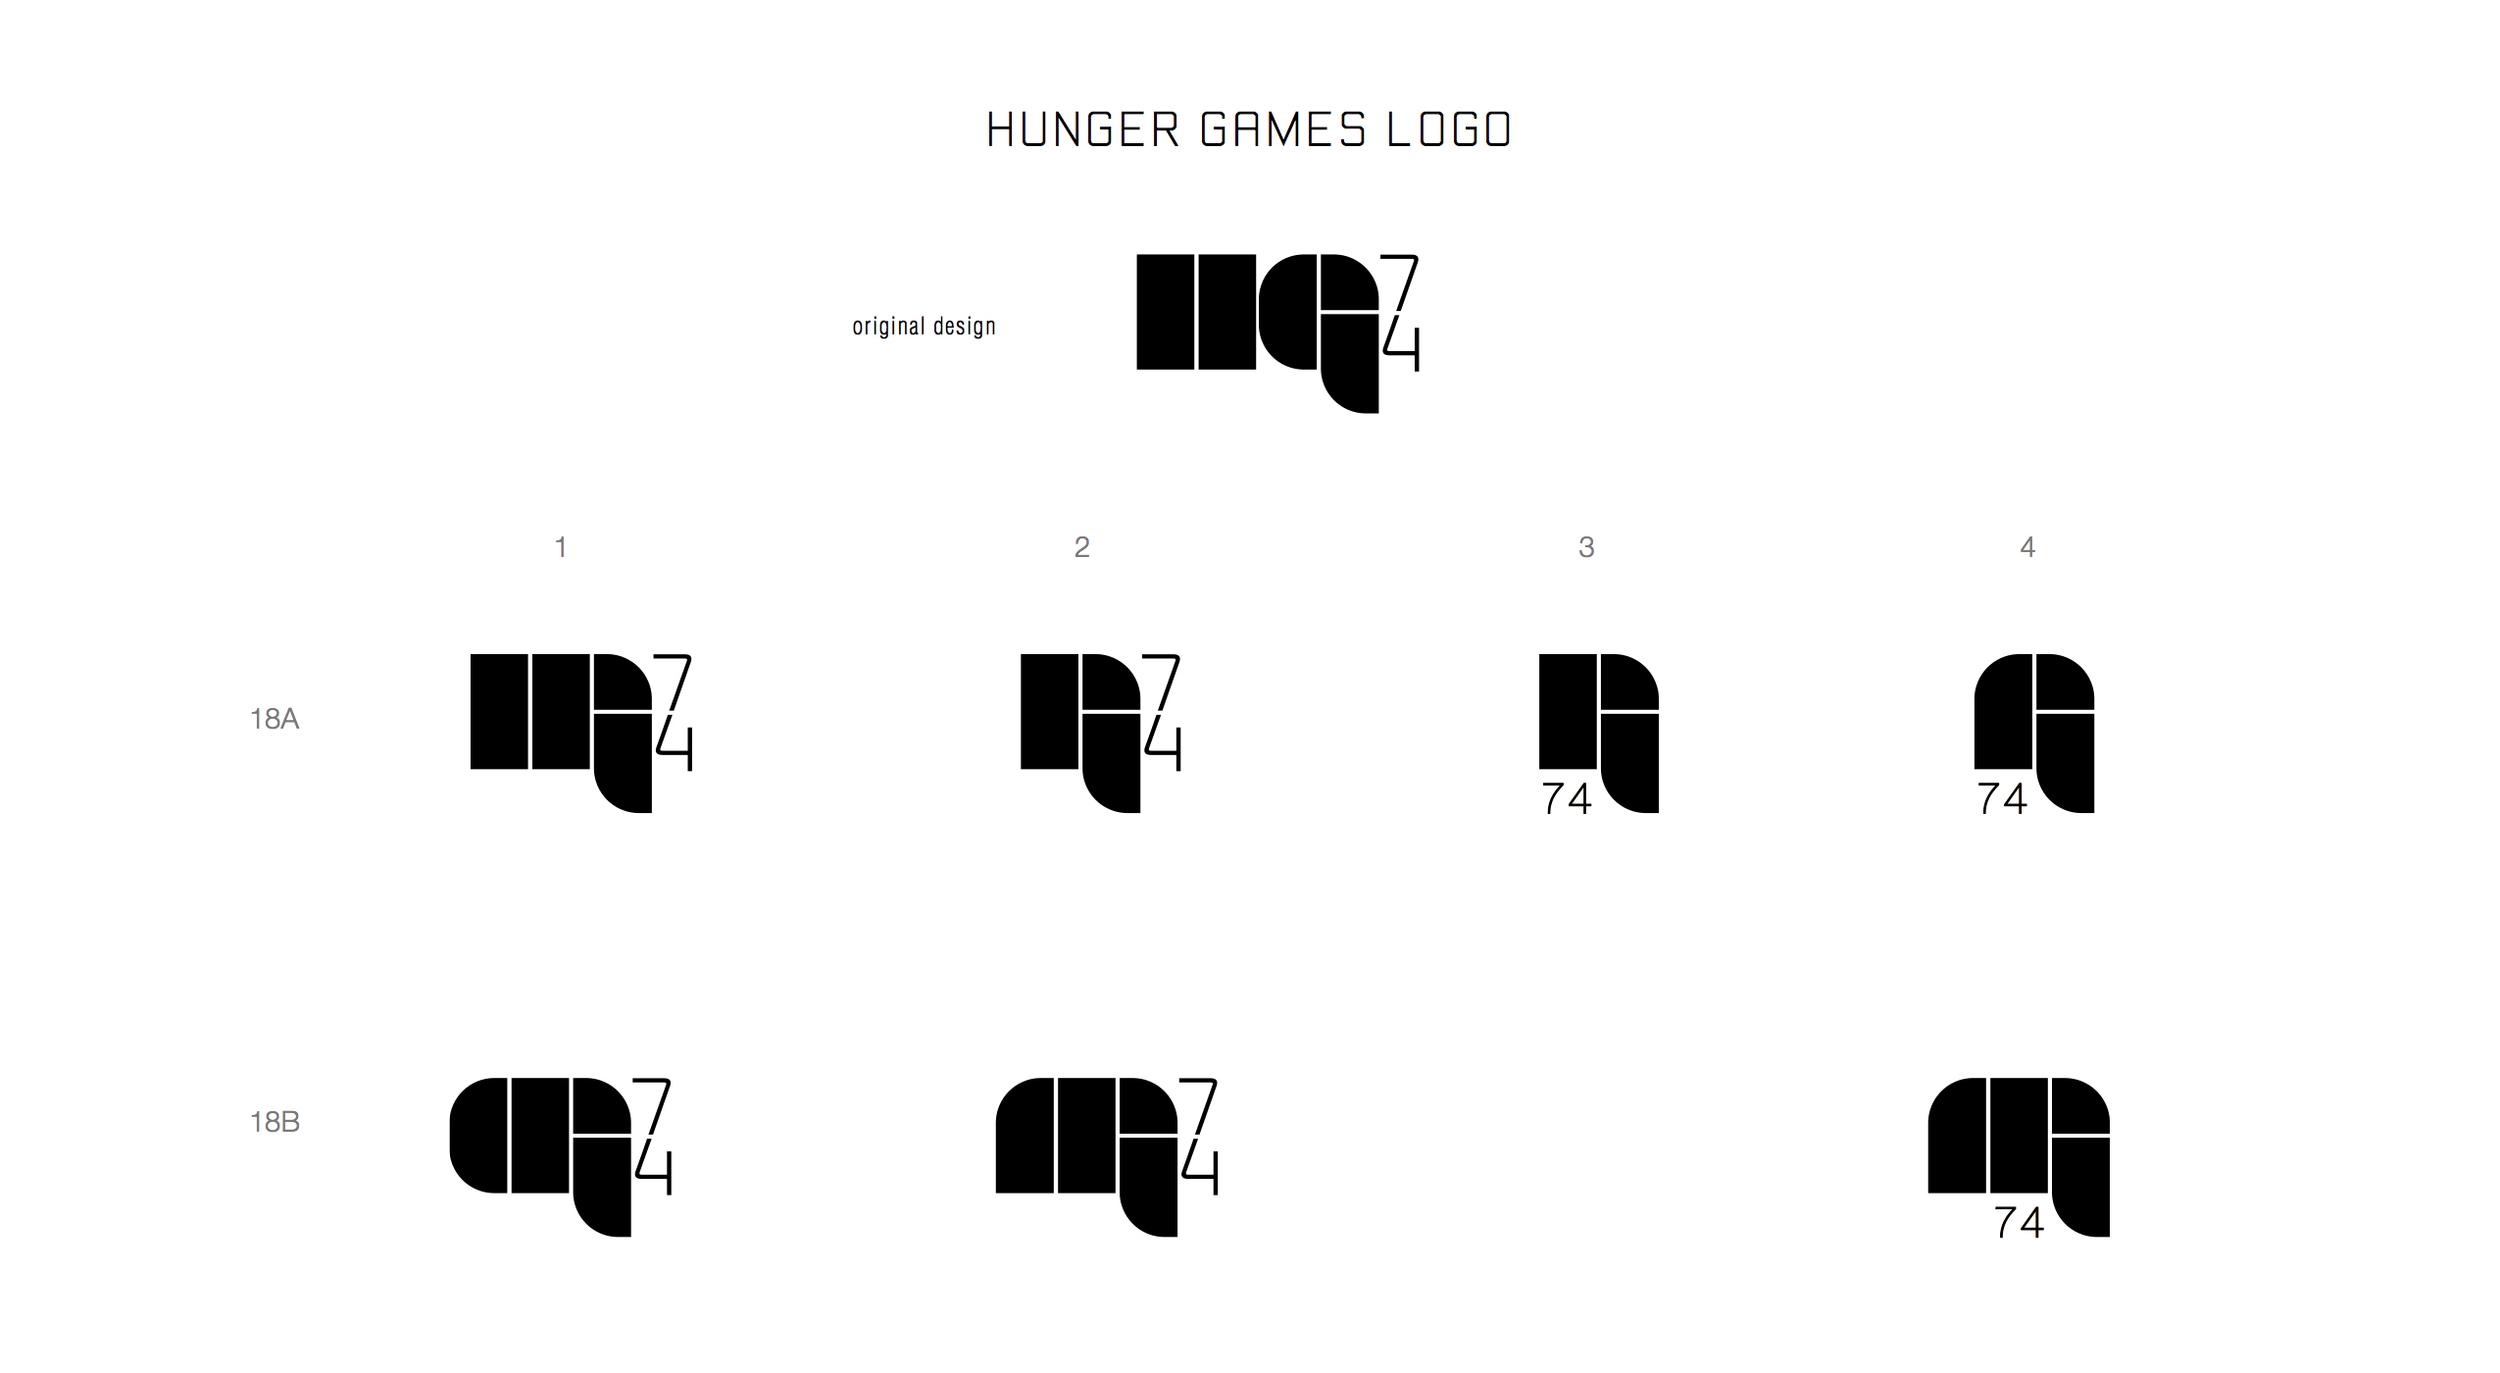 01_HungerGames_design.00015.jpg